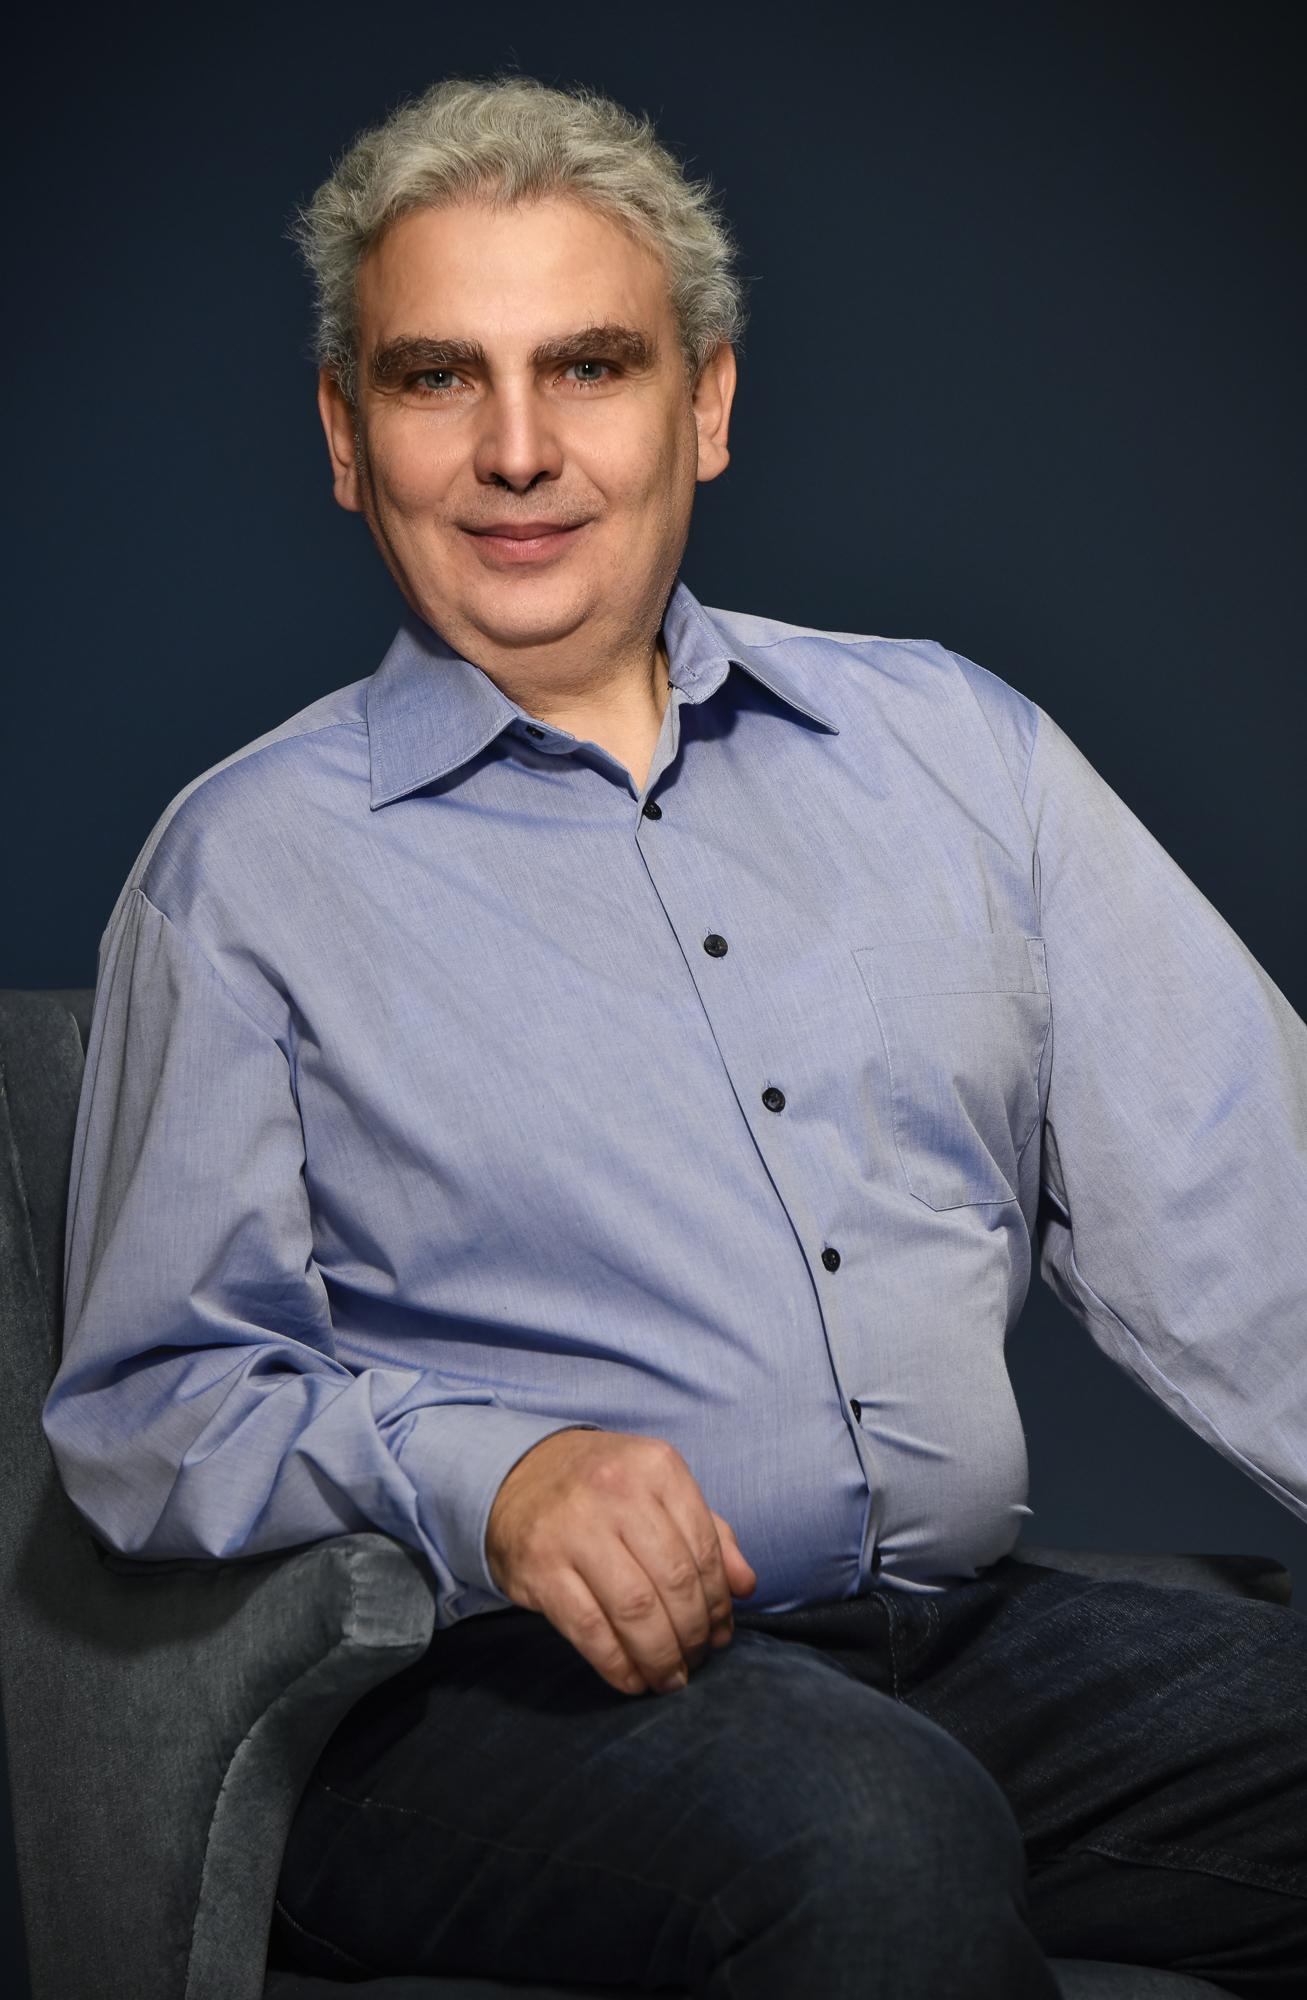 Zoltán Korda